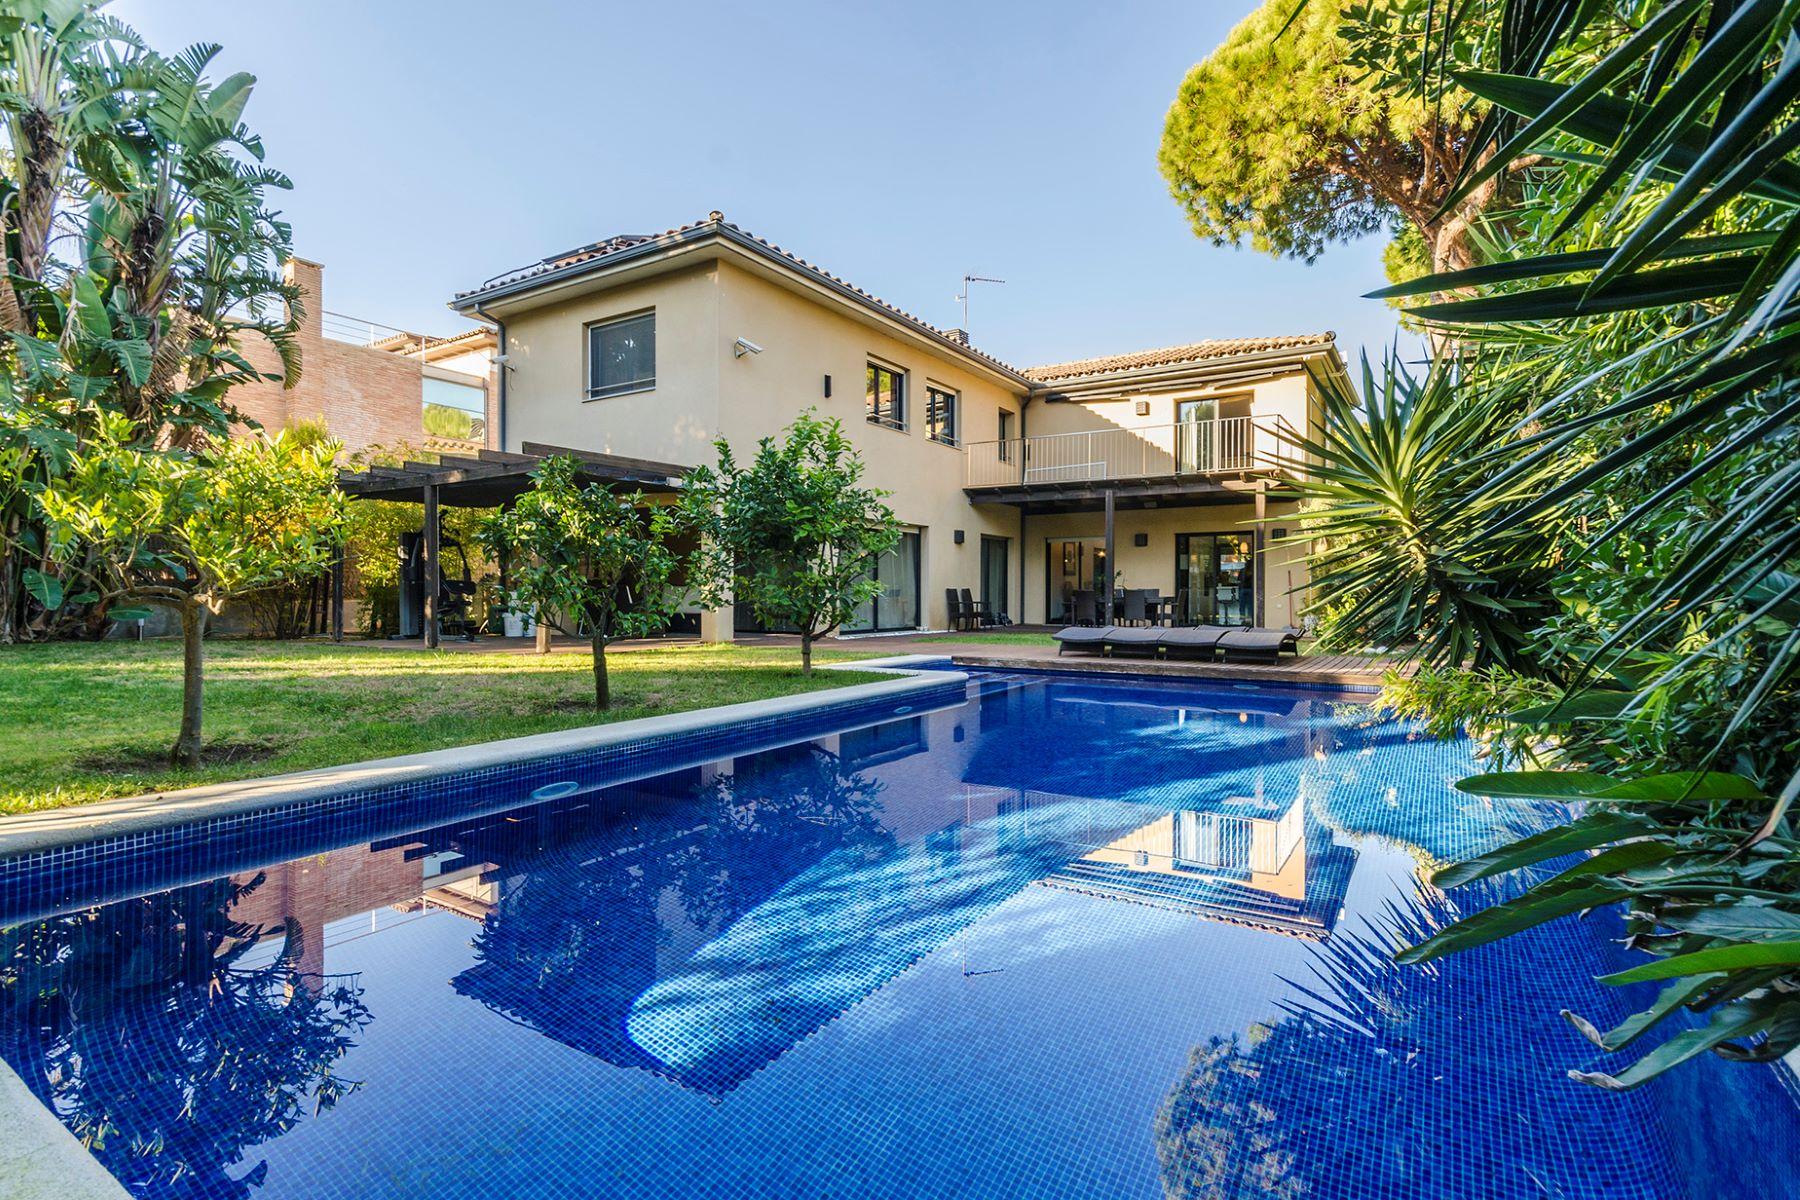 独户住宅 为 销售 在 Fantastic villa in quiet environment of Gava Mar 3 minutes from the beach 加瓦, 巴塞罗那, 08850 西班牙